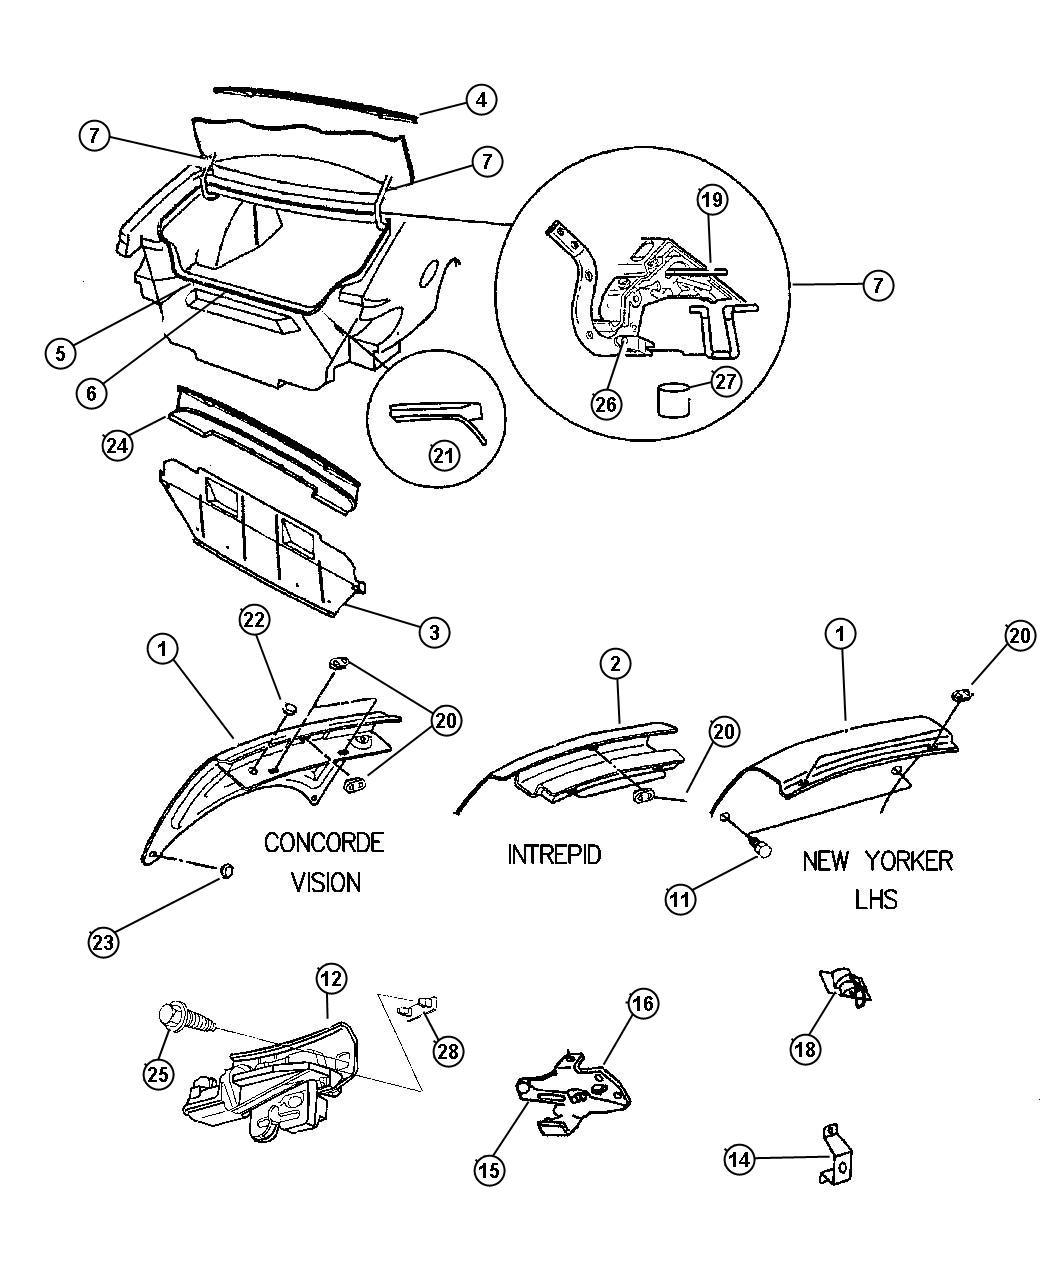 Service Manual Removing Starter 1993 Eagle Vision 1996